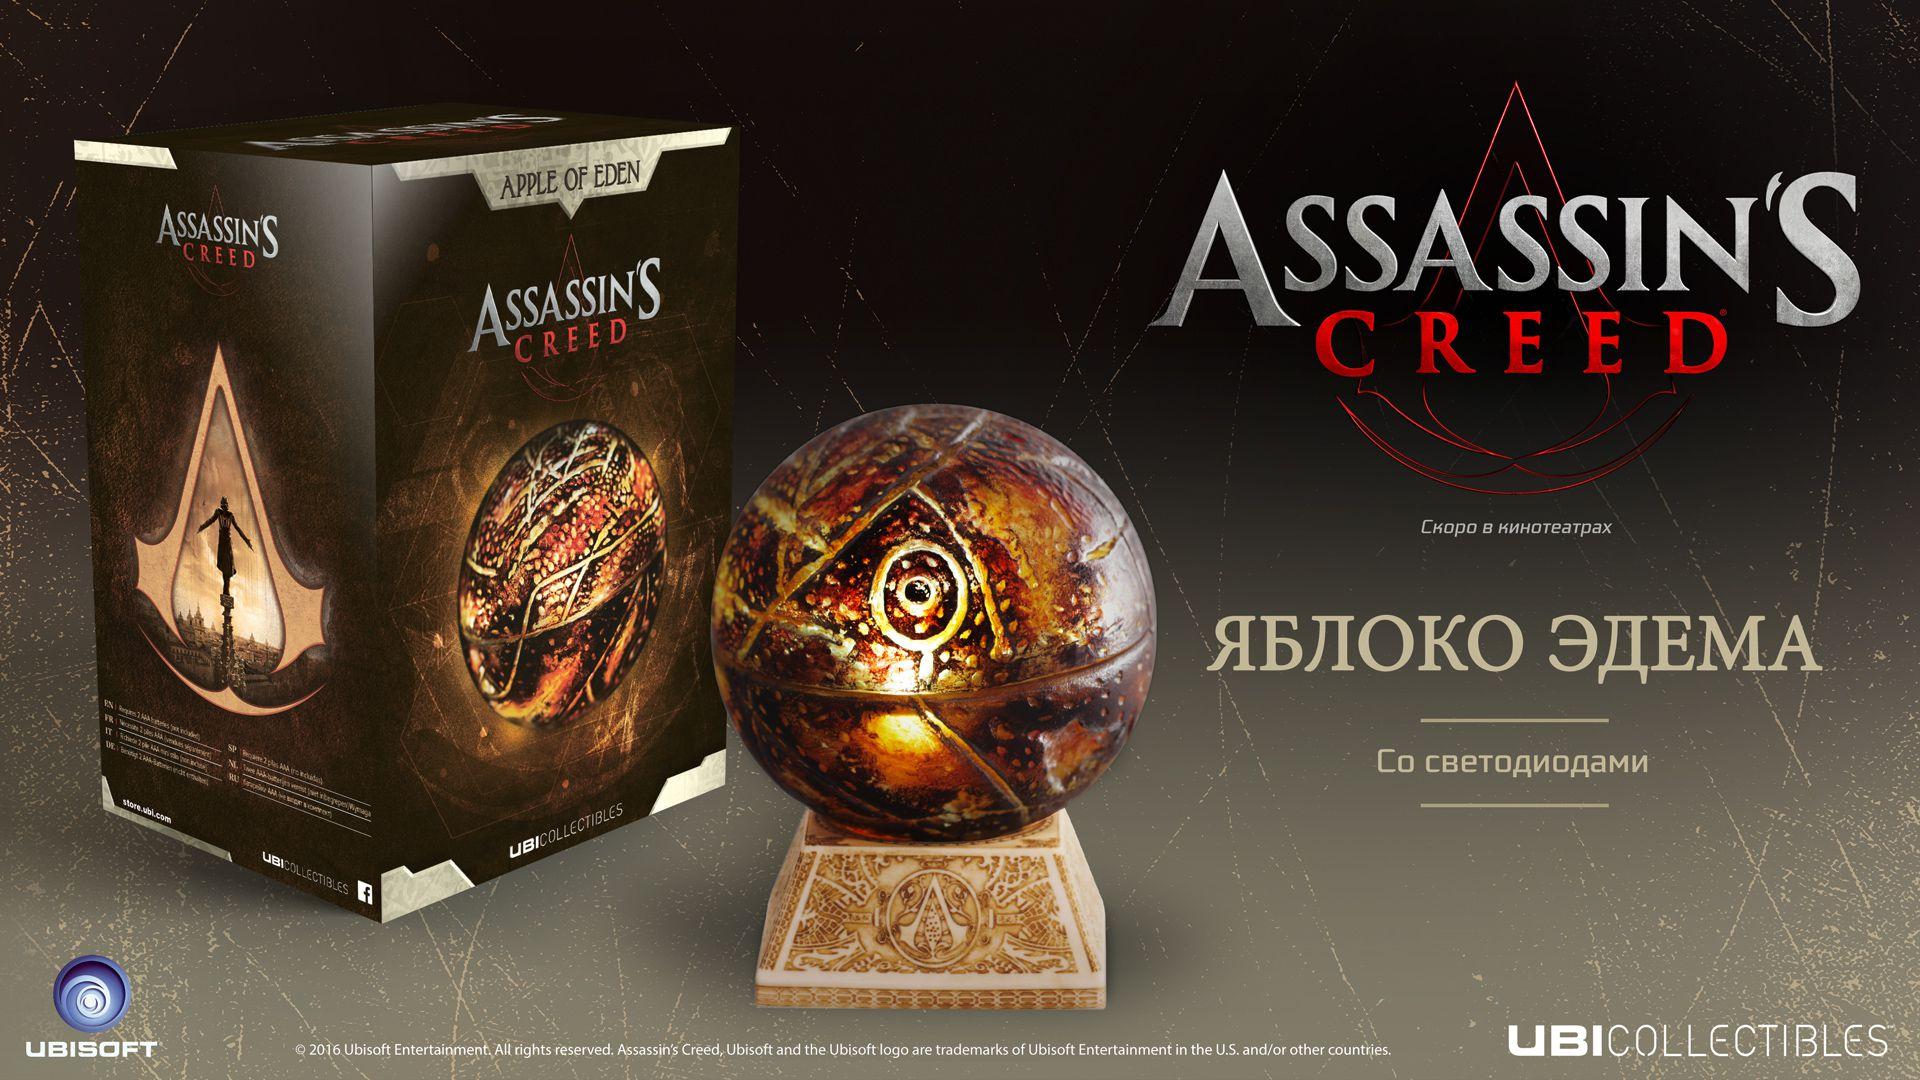 Артефакт Assassins Creed  (Кредо убийцы) Apple Of EdenПредставляем вашему вниманию артефакт Assassins Creed (Кредо убийцы) Apple Of Eden, самый таинственный артефакт вселенной Assassins Creed.<br>